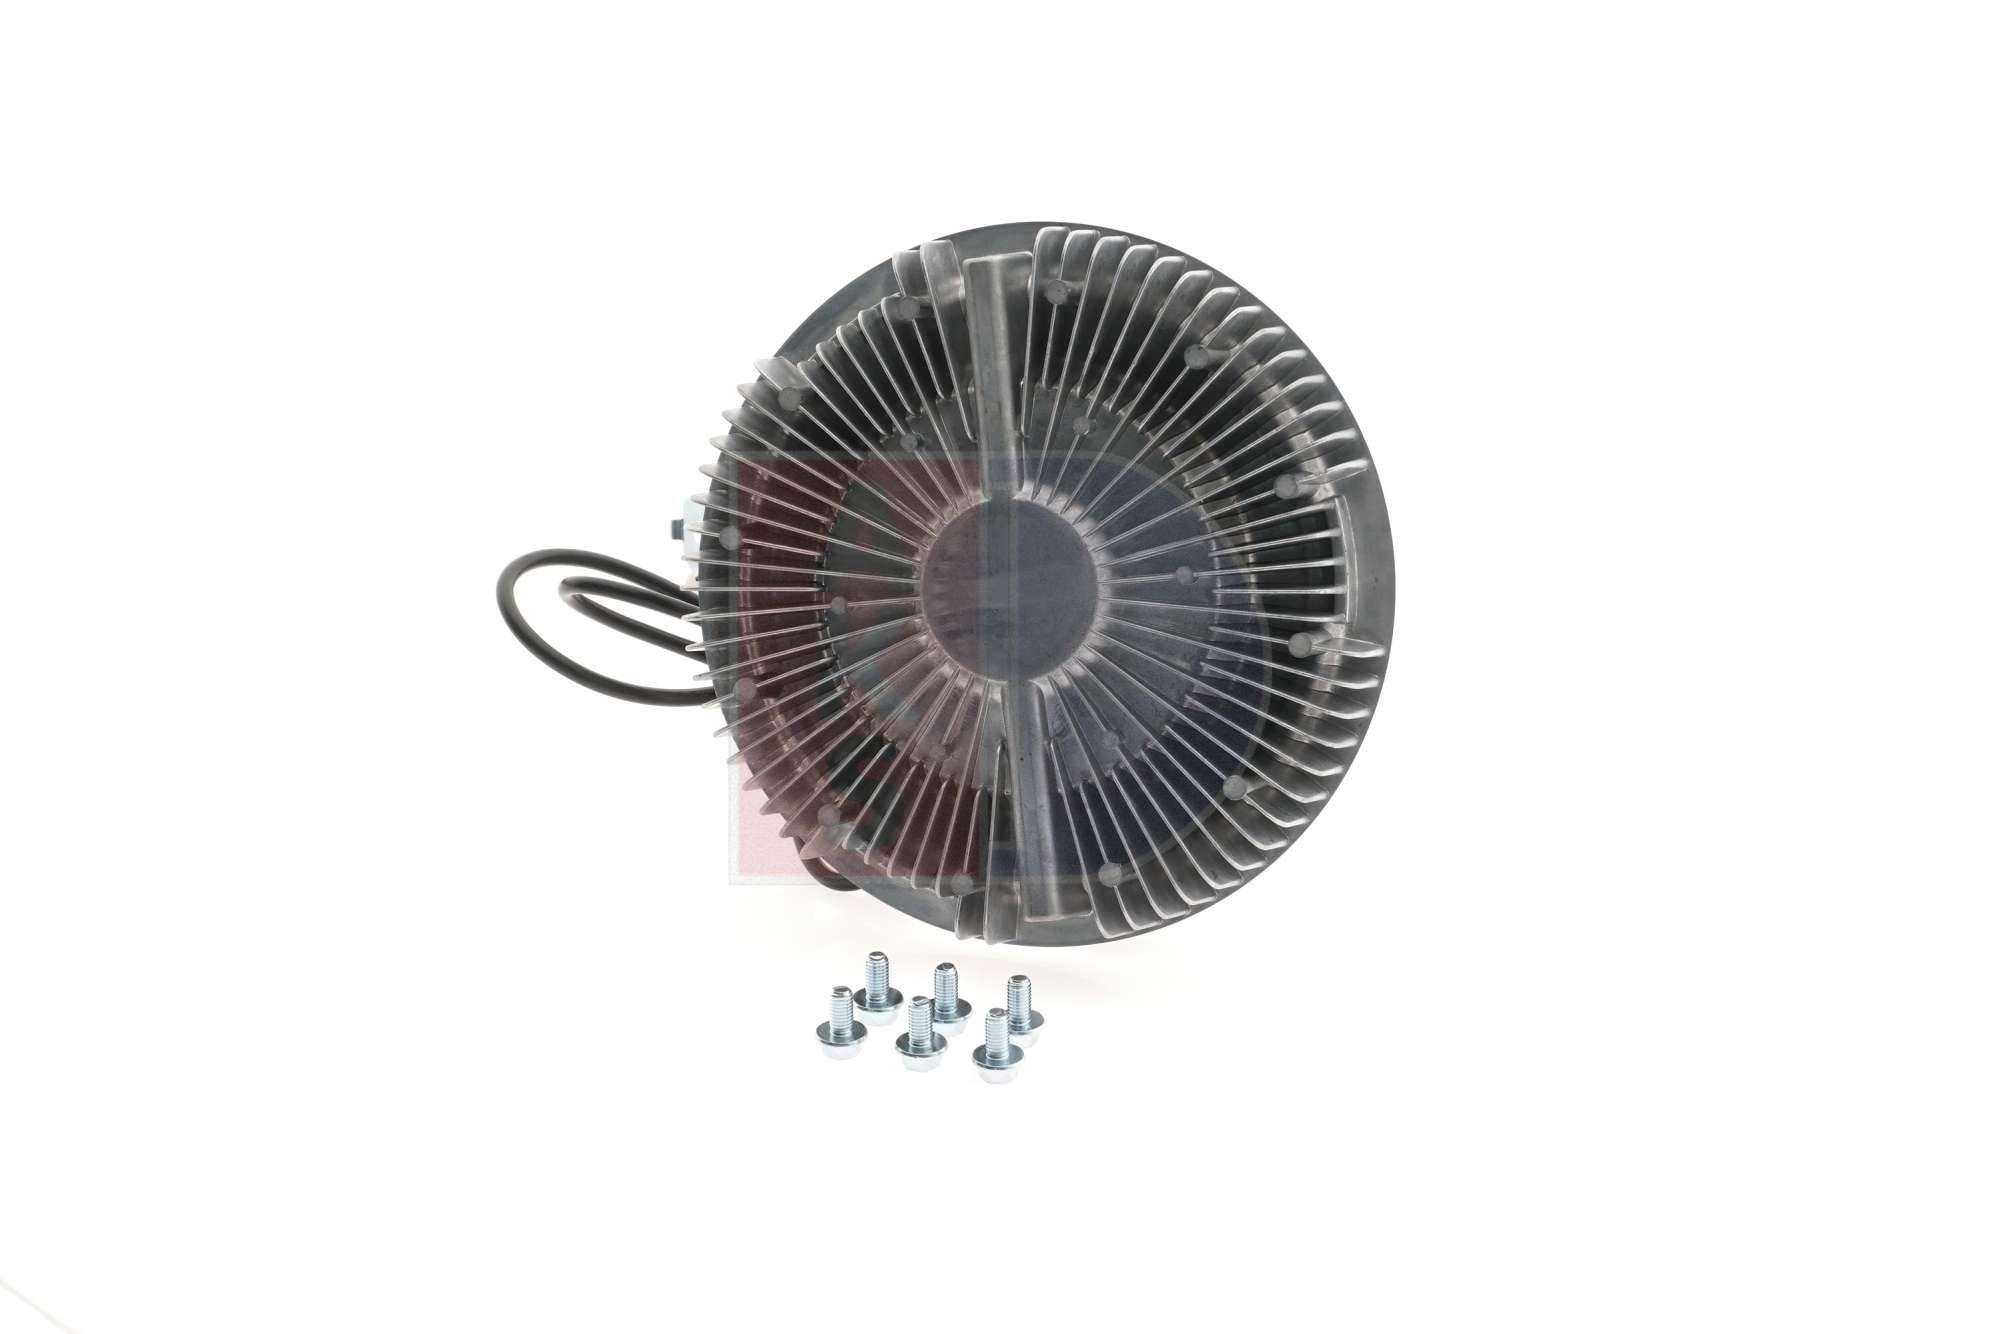 268032N AKS DASIS Kupplung, Kühlerlüfter für FAP online bestellen